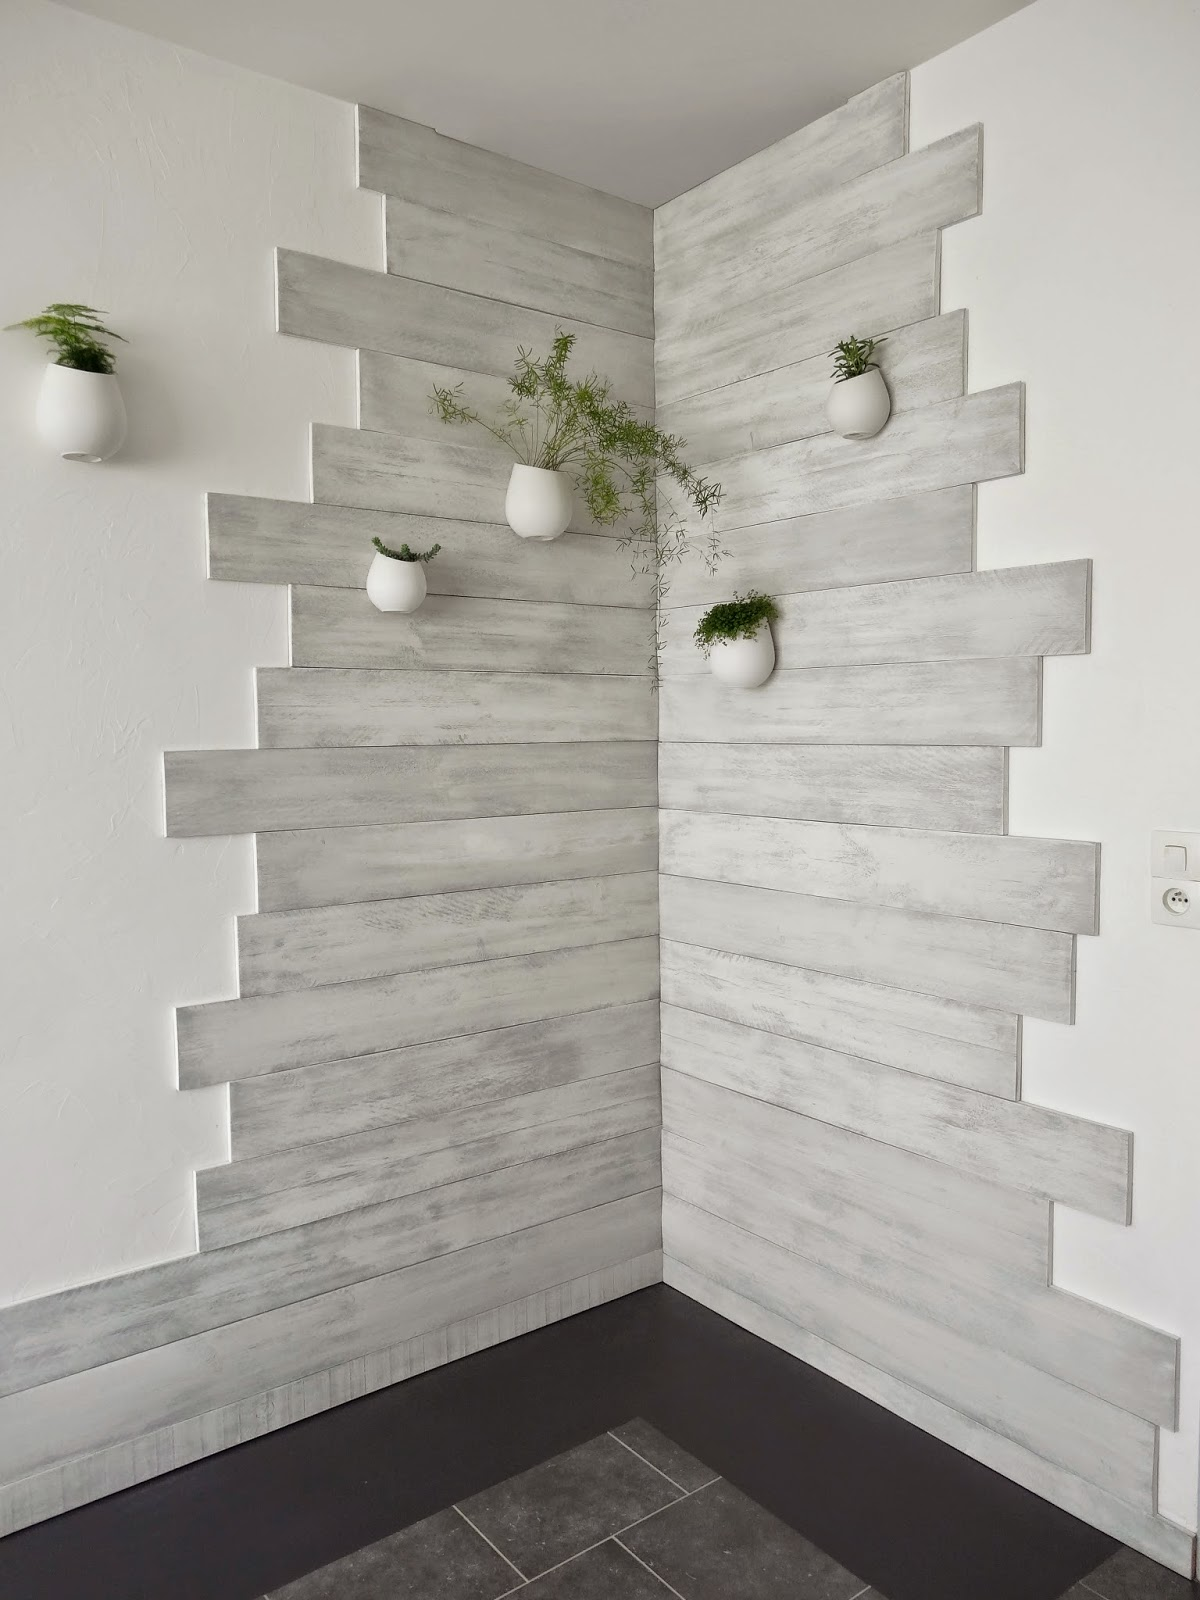 blossompeinture projets d co. Black Bedroom Furniture Sets. Home Design Ideas